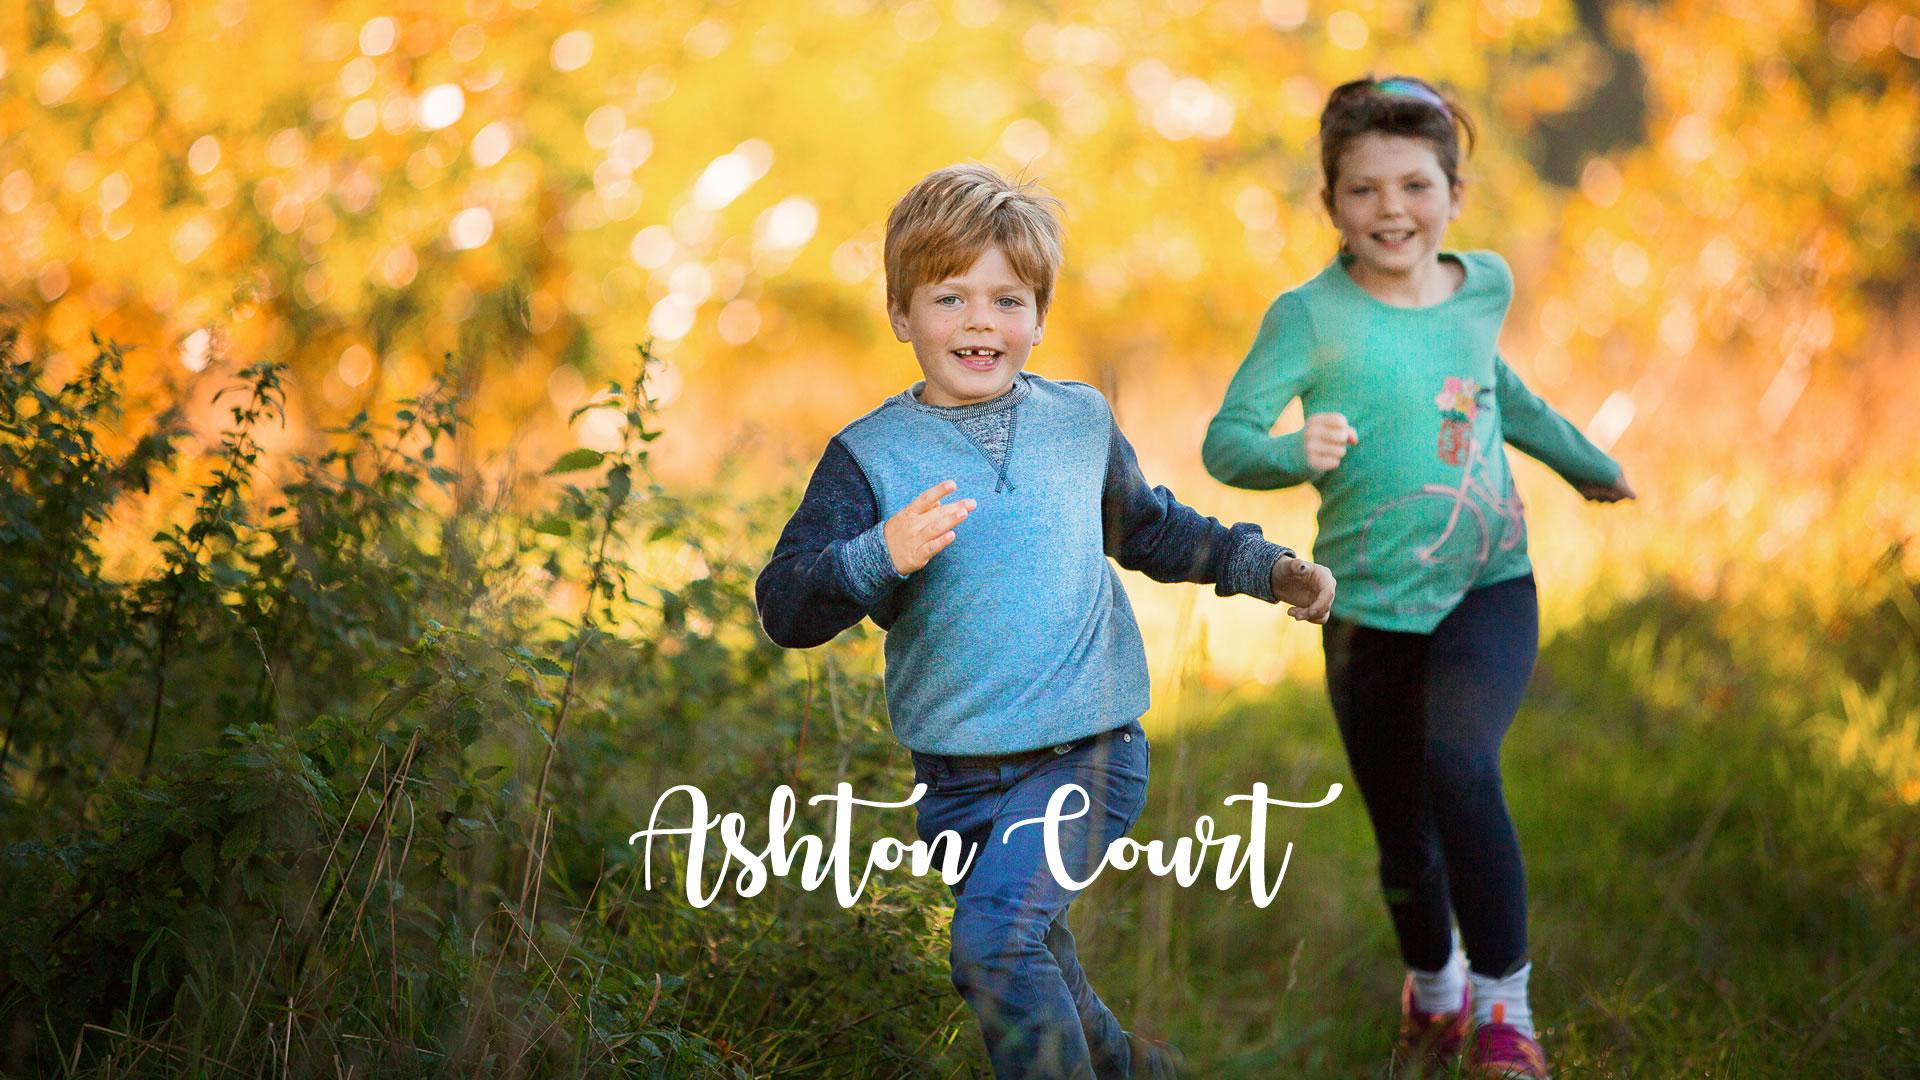 Ashton Court Autumn Photo Shoot